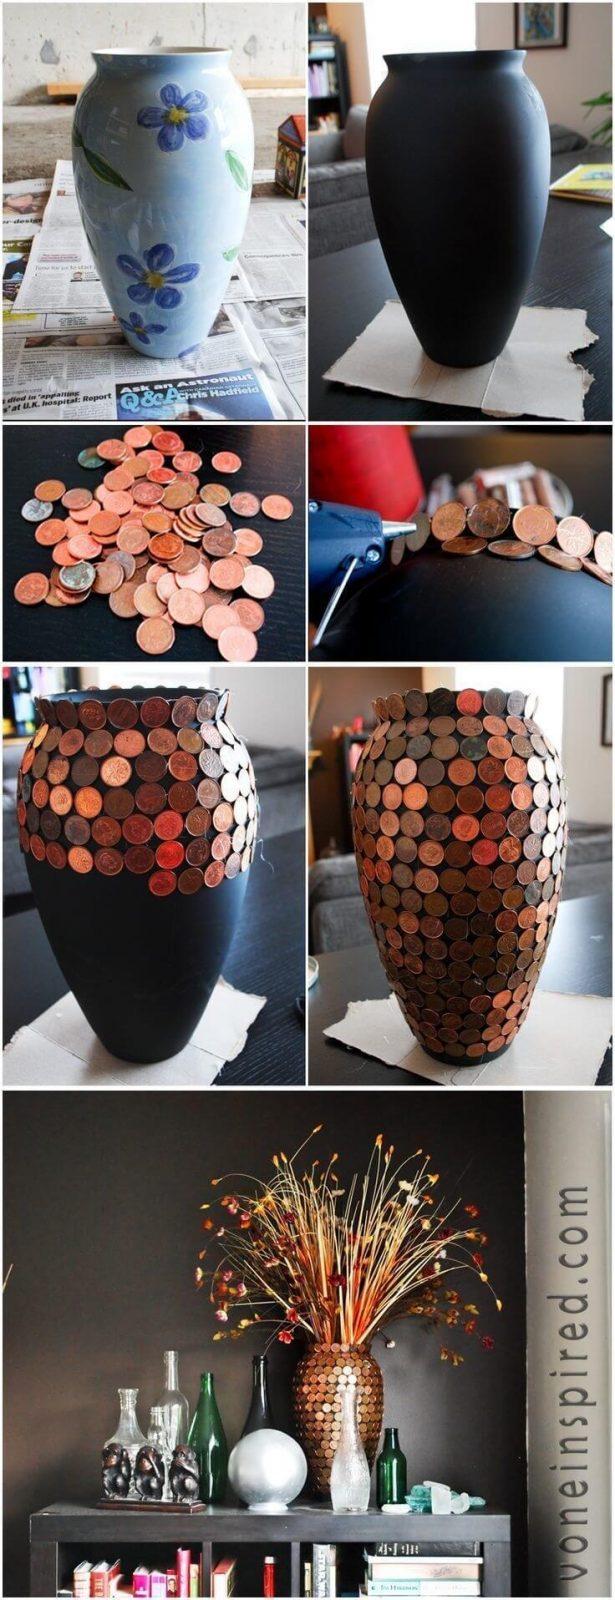 Blumenvase mit Münzen bekleben - DIY Bastelideen